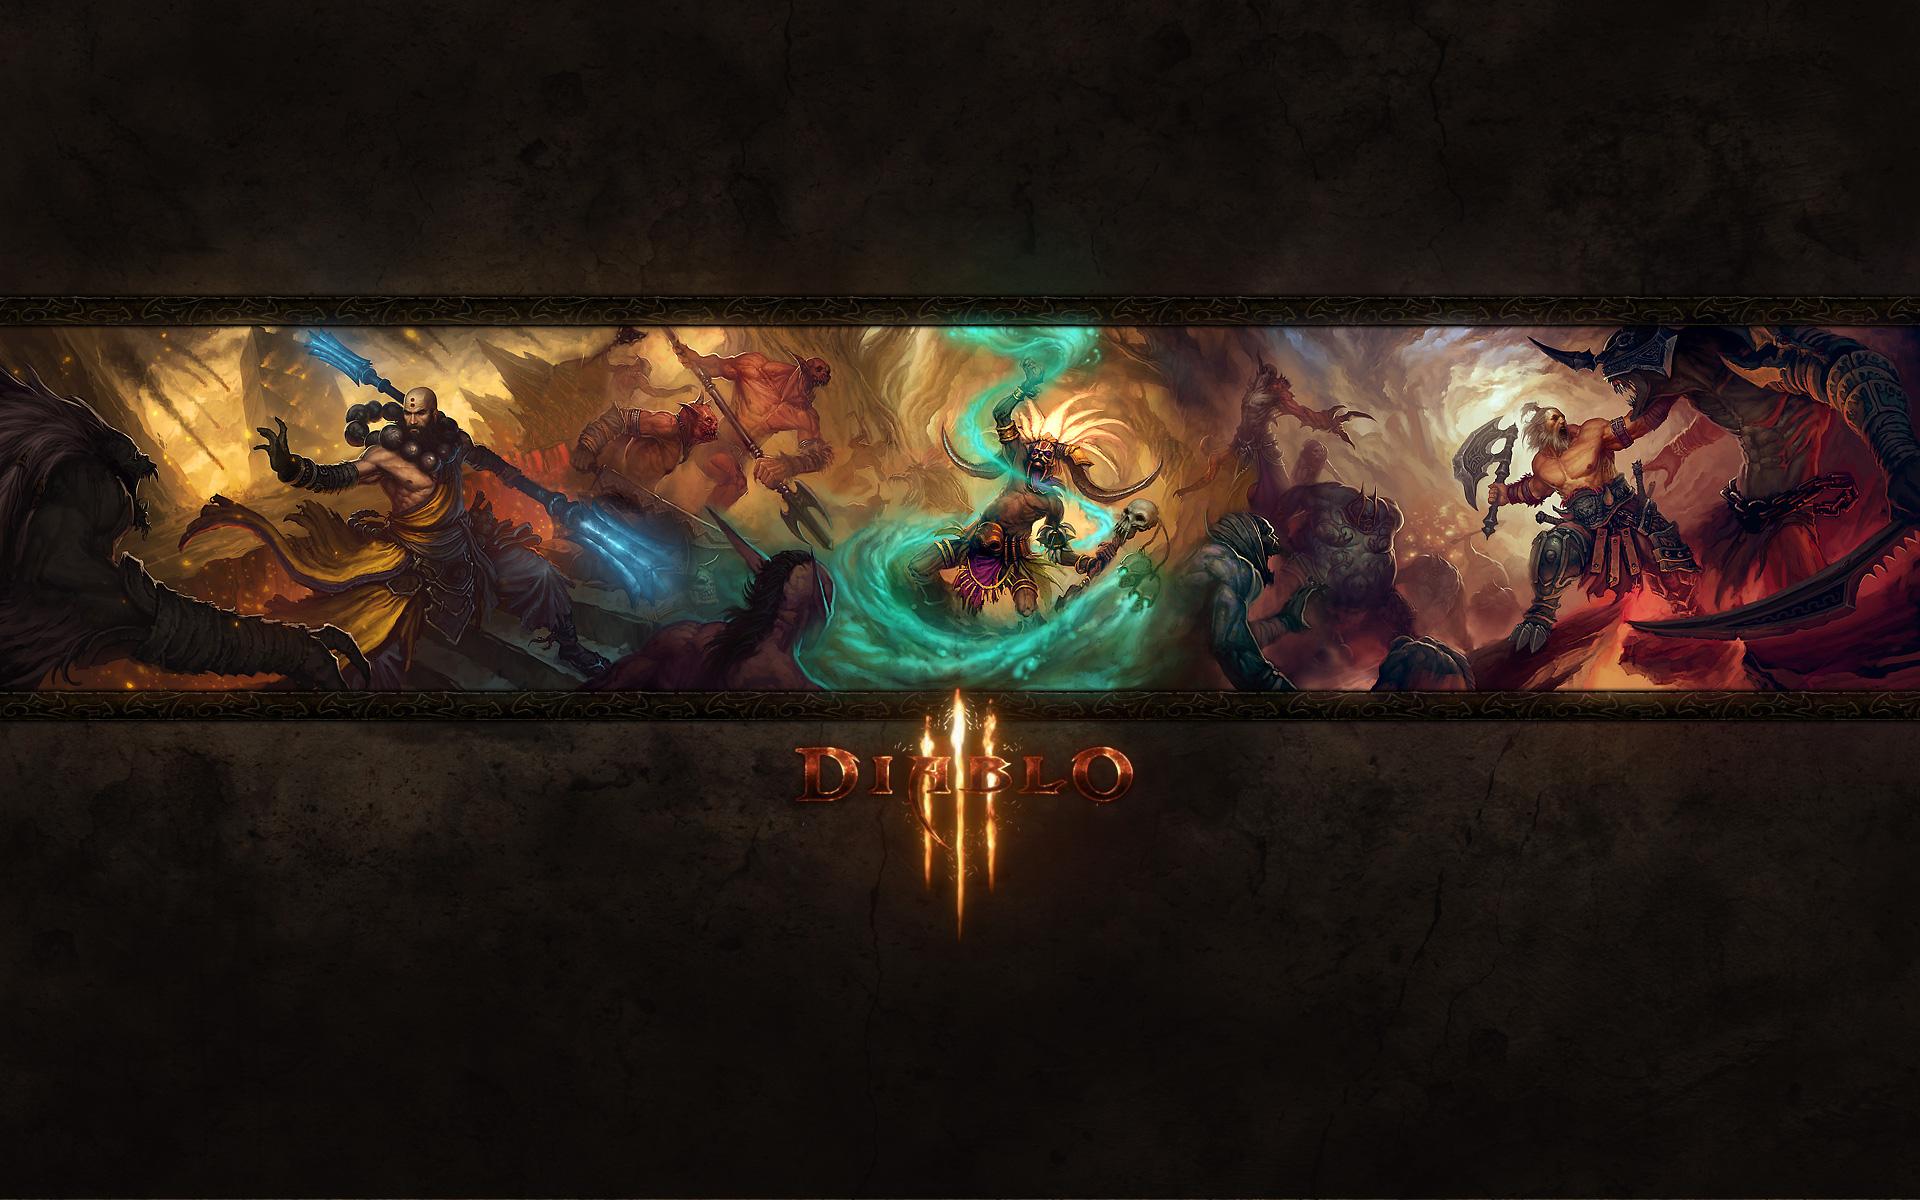 Diablo 3 Wallpaper by tenhi837